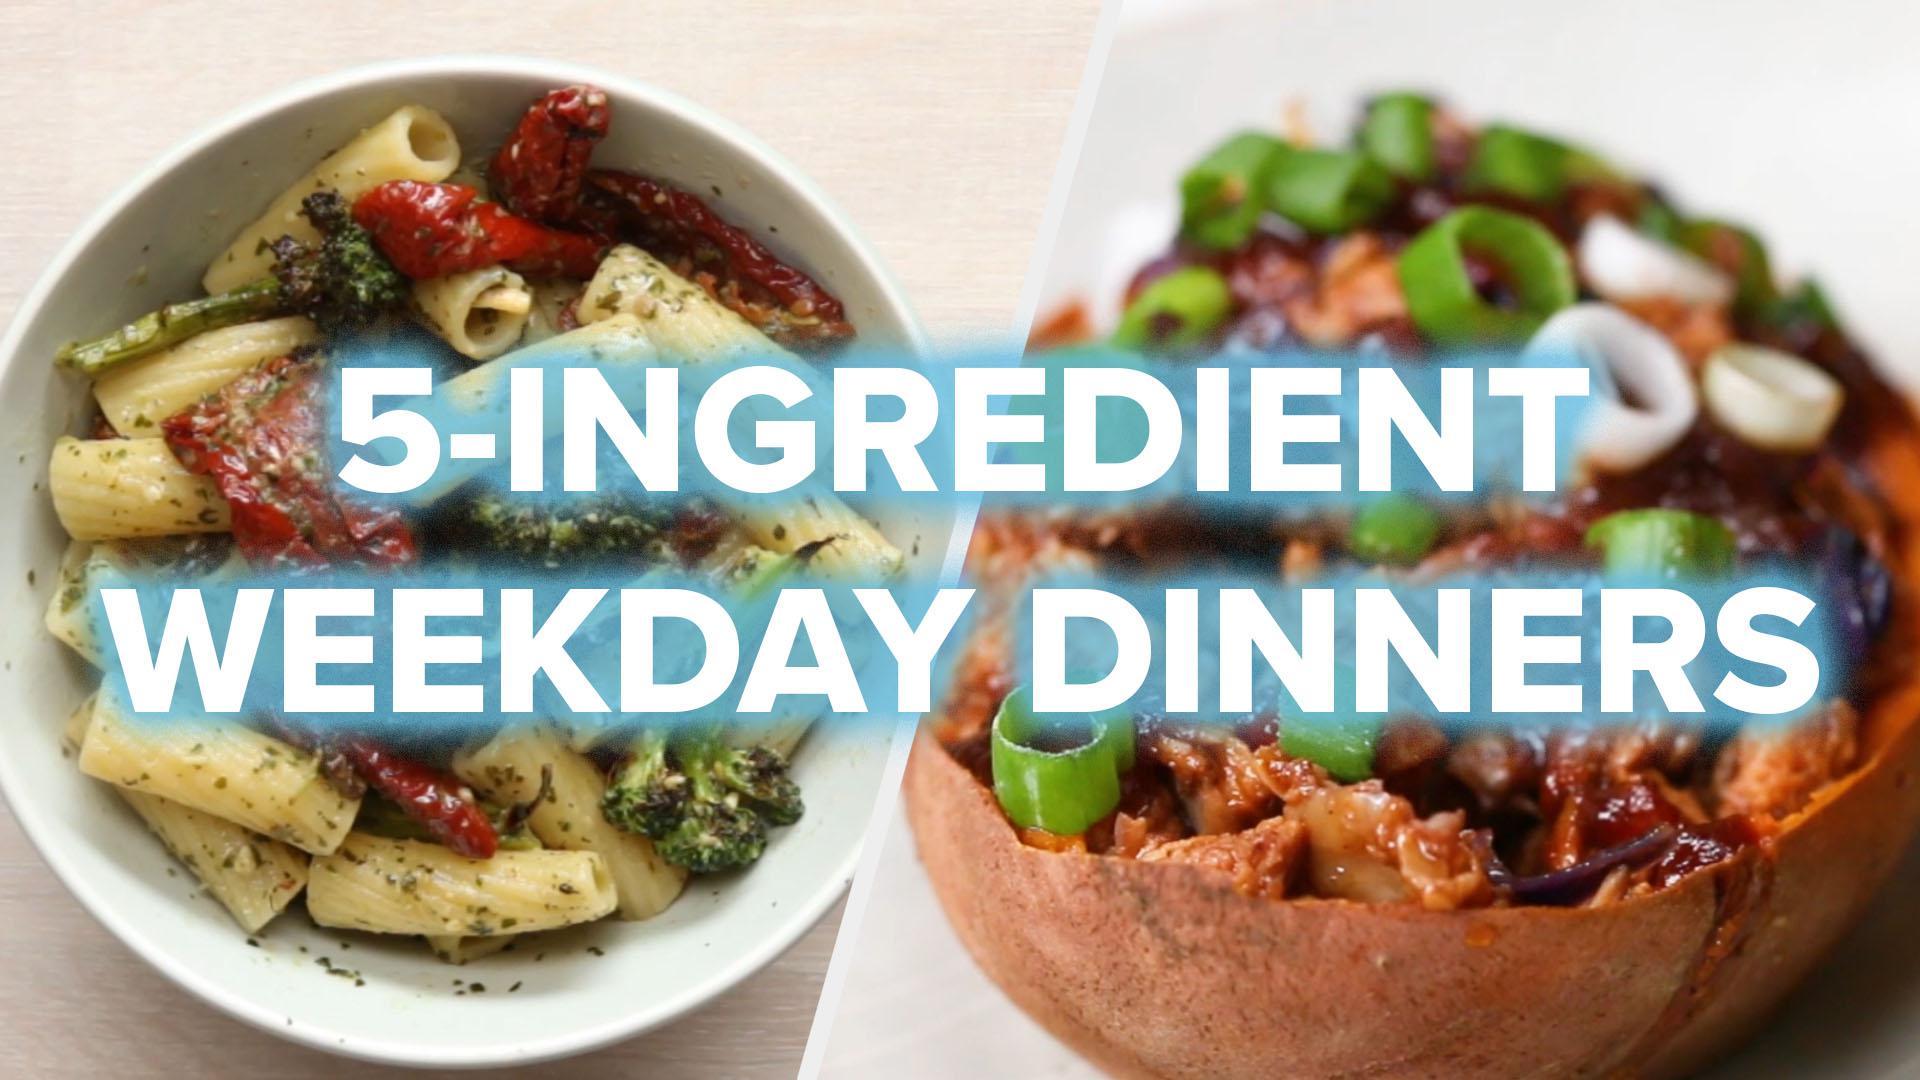 5 Ingredient Weekday Dinners Recipes